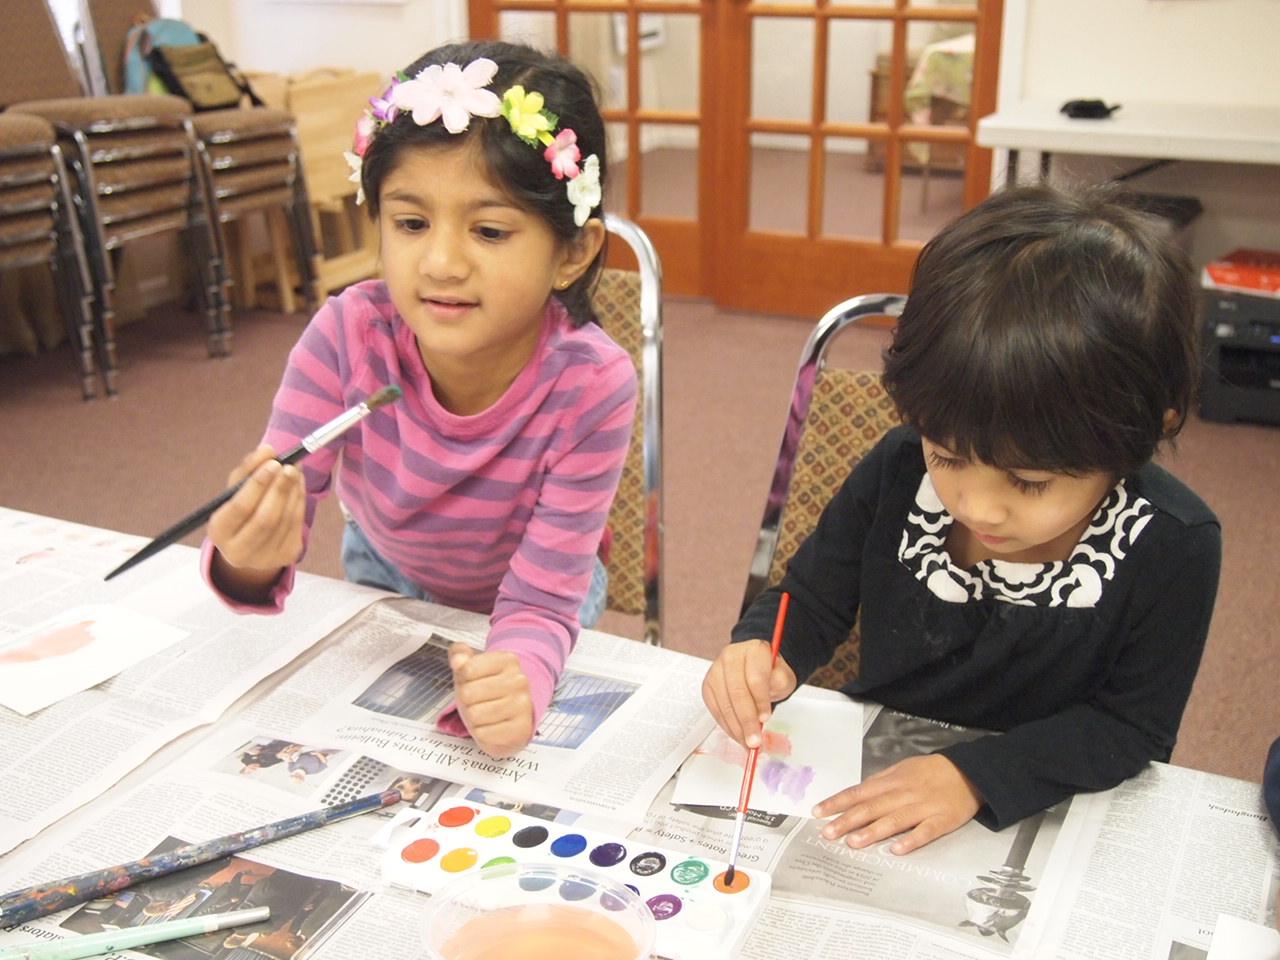 Watercolor Explorations